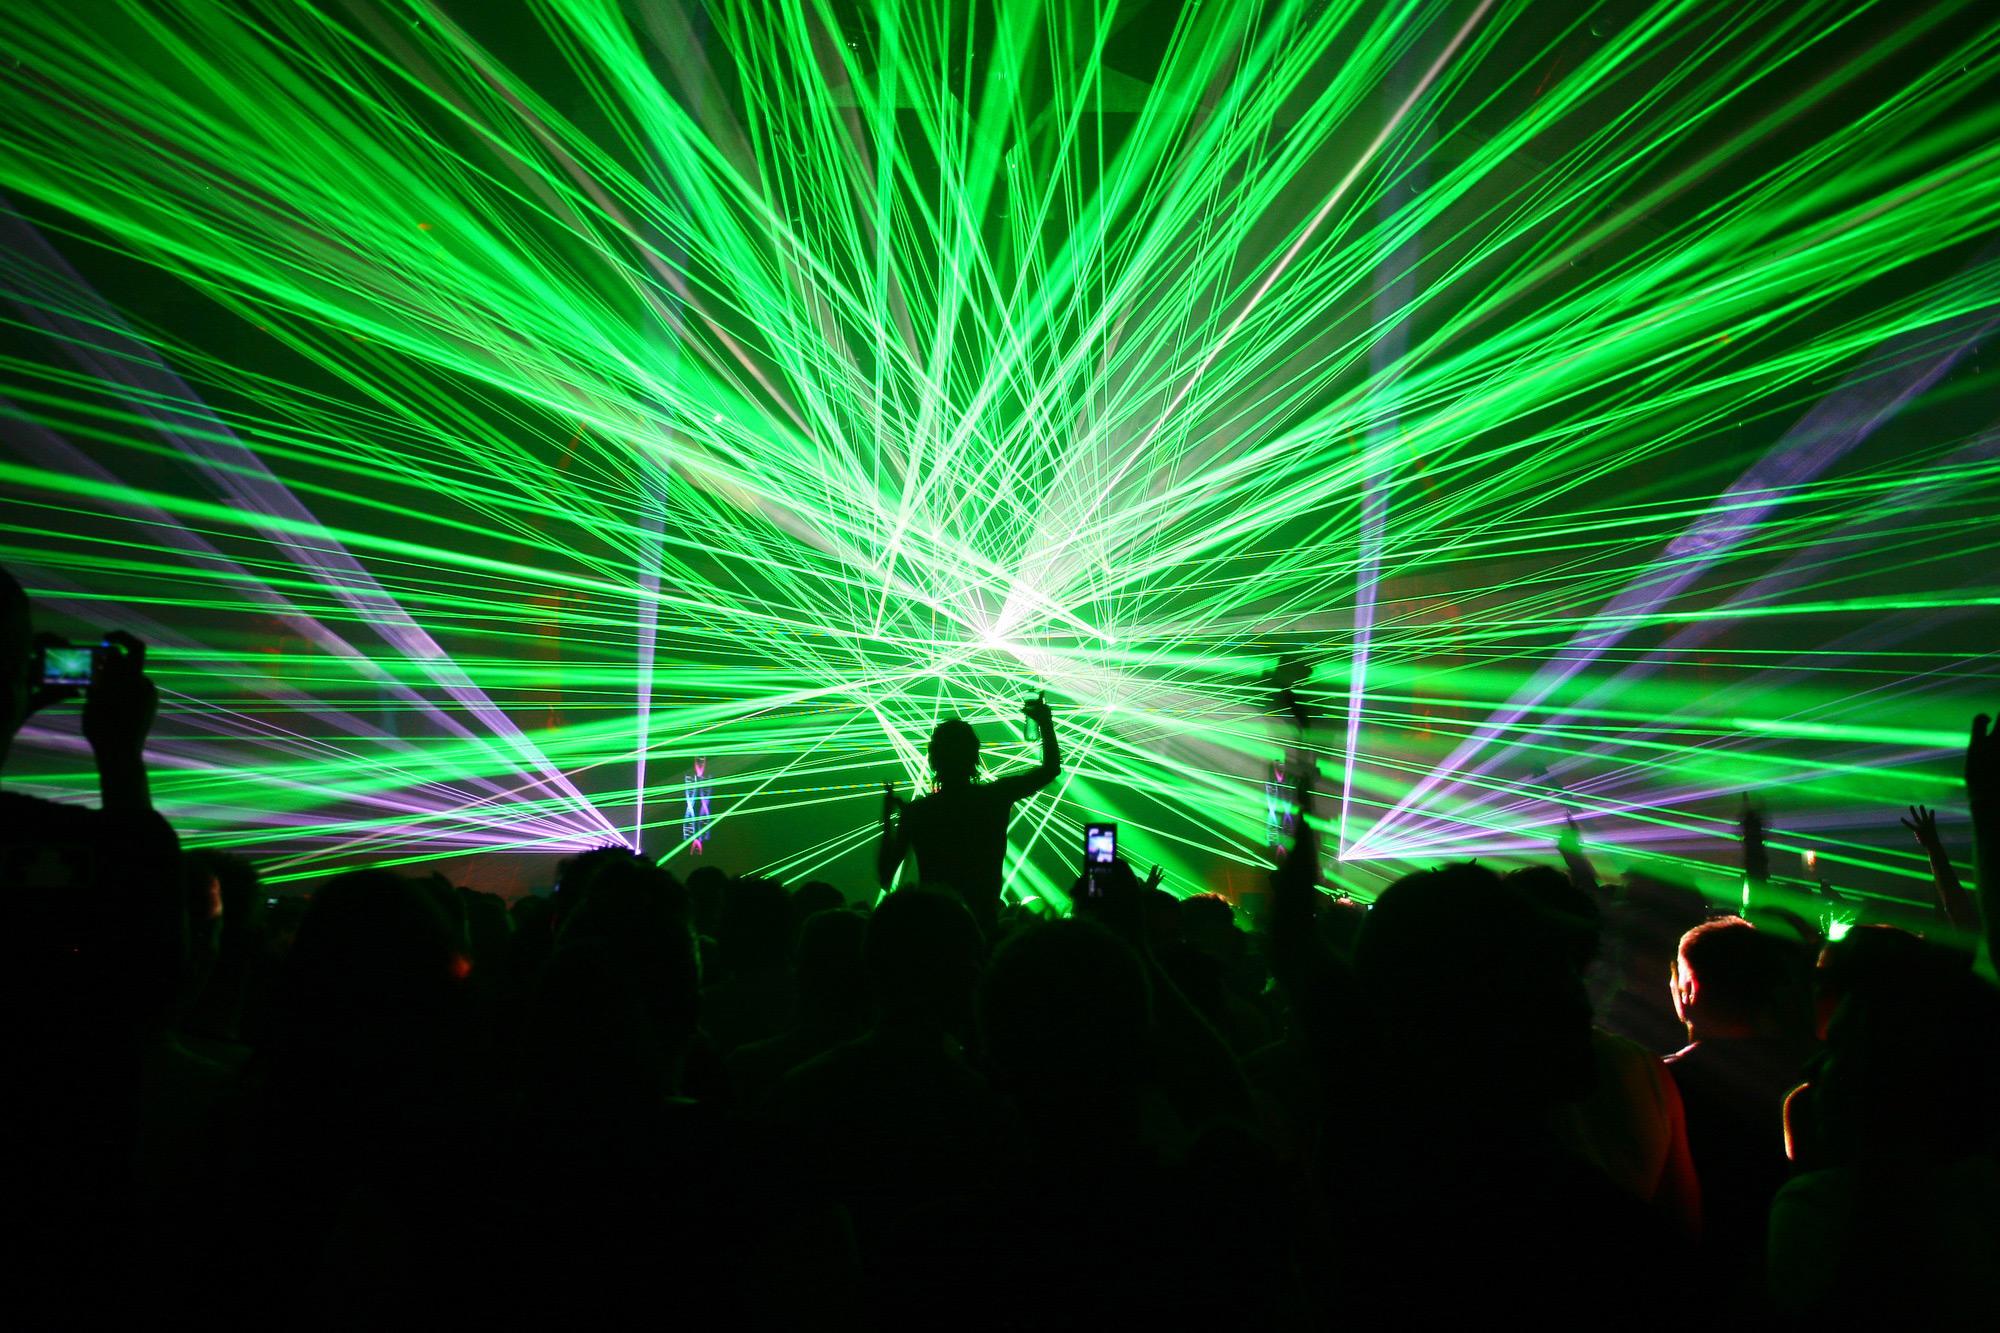 того, что как фотографировать лазеры в клубе целом